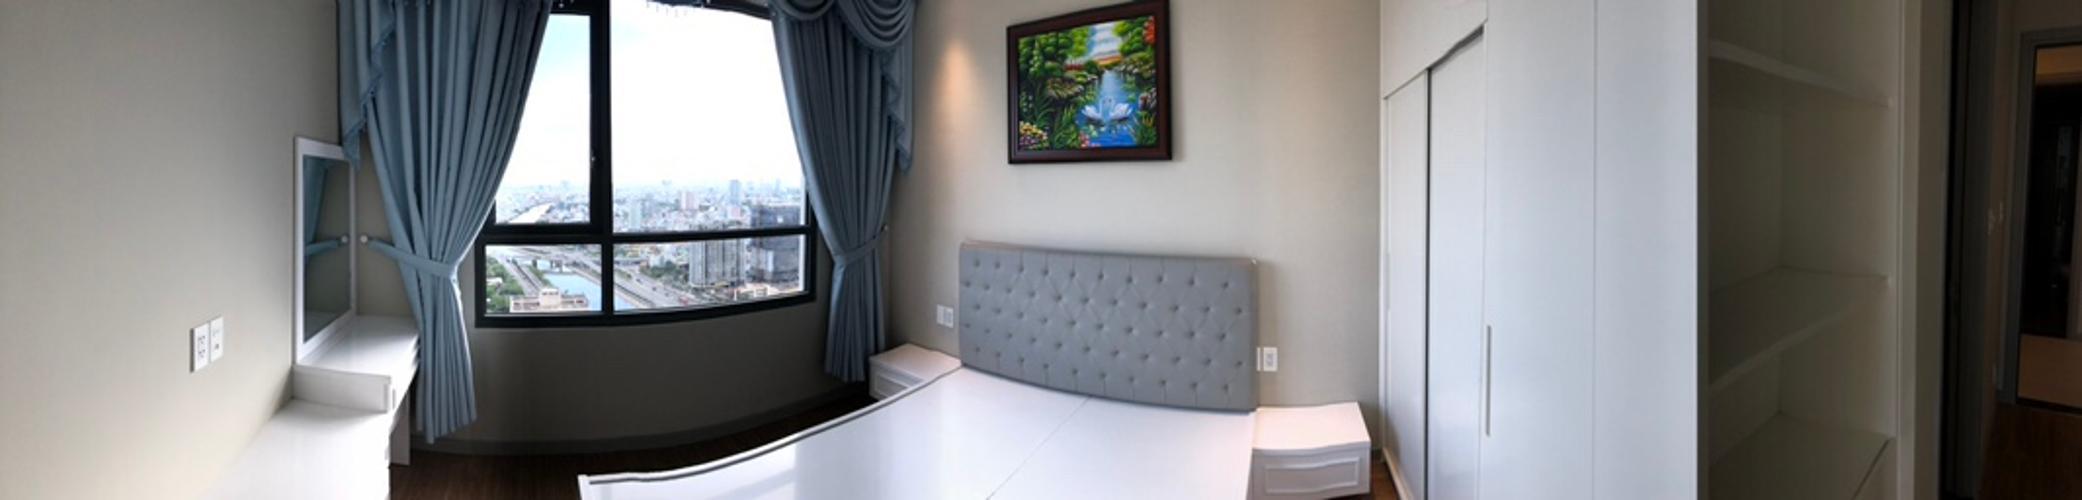 Phòng ngủ căn hộ The Gold View Căn hộ The Gold View 2 phòng ngủ nội thất đầy đủ view hồ bơi.